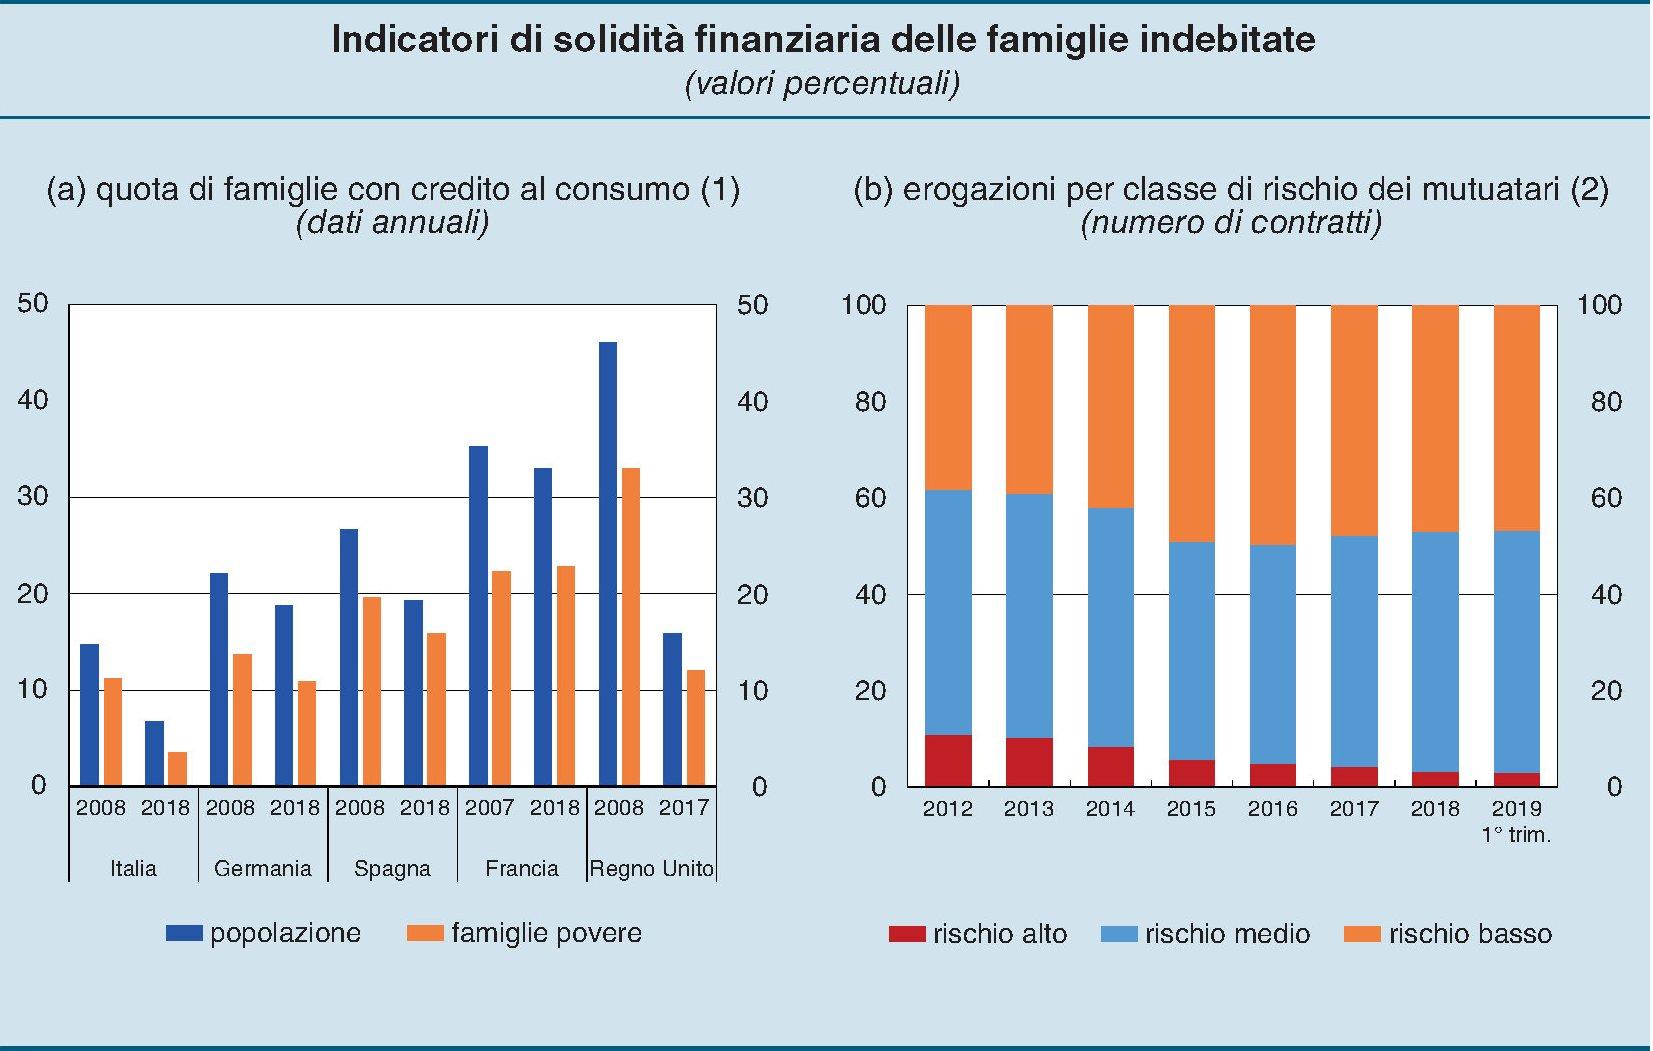 Aumenta la ricchezza finanziaria delle famiglie